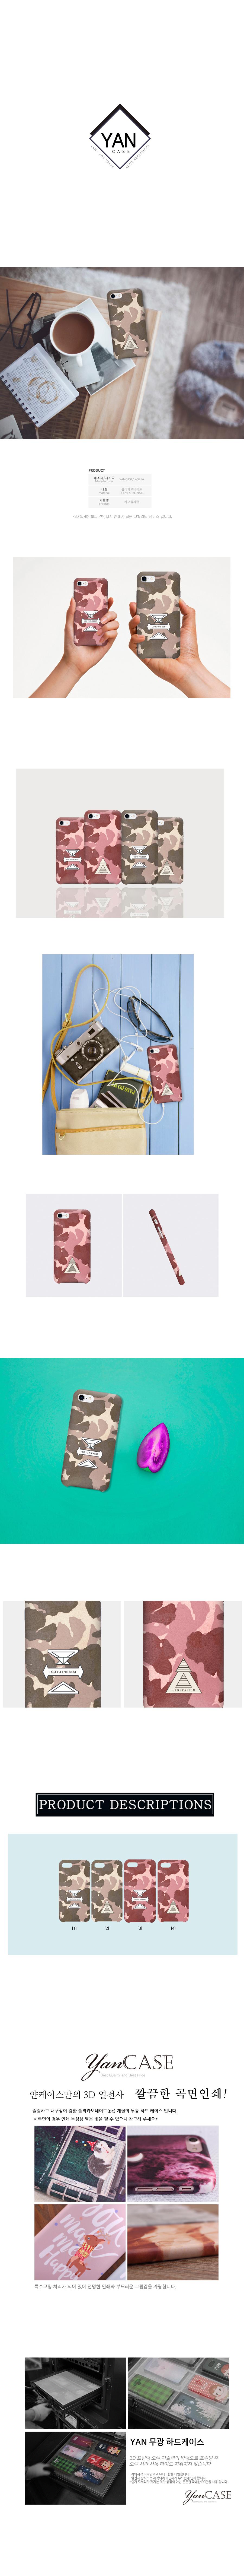 갤럭시노트8 camouflage 하드케이스 N950 - 얀케이스2, 13,500원, 케이스, 갤럭시노트8